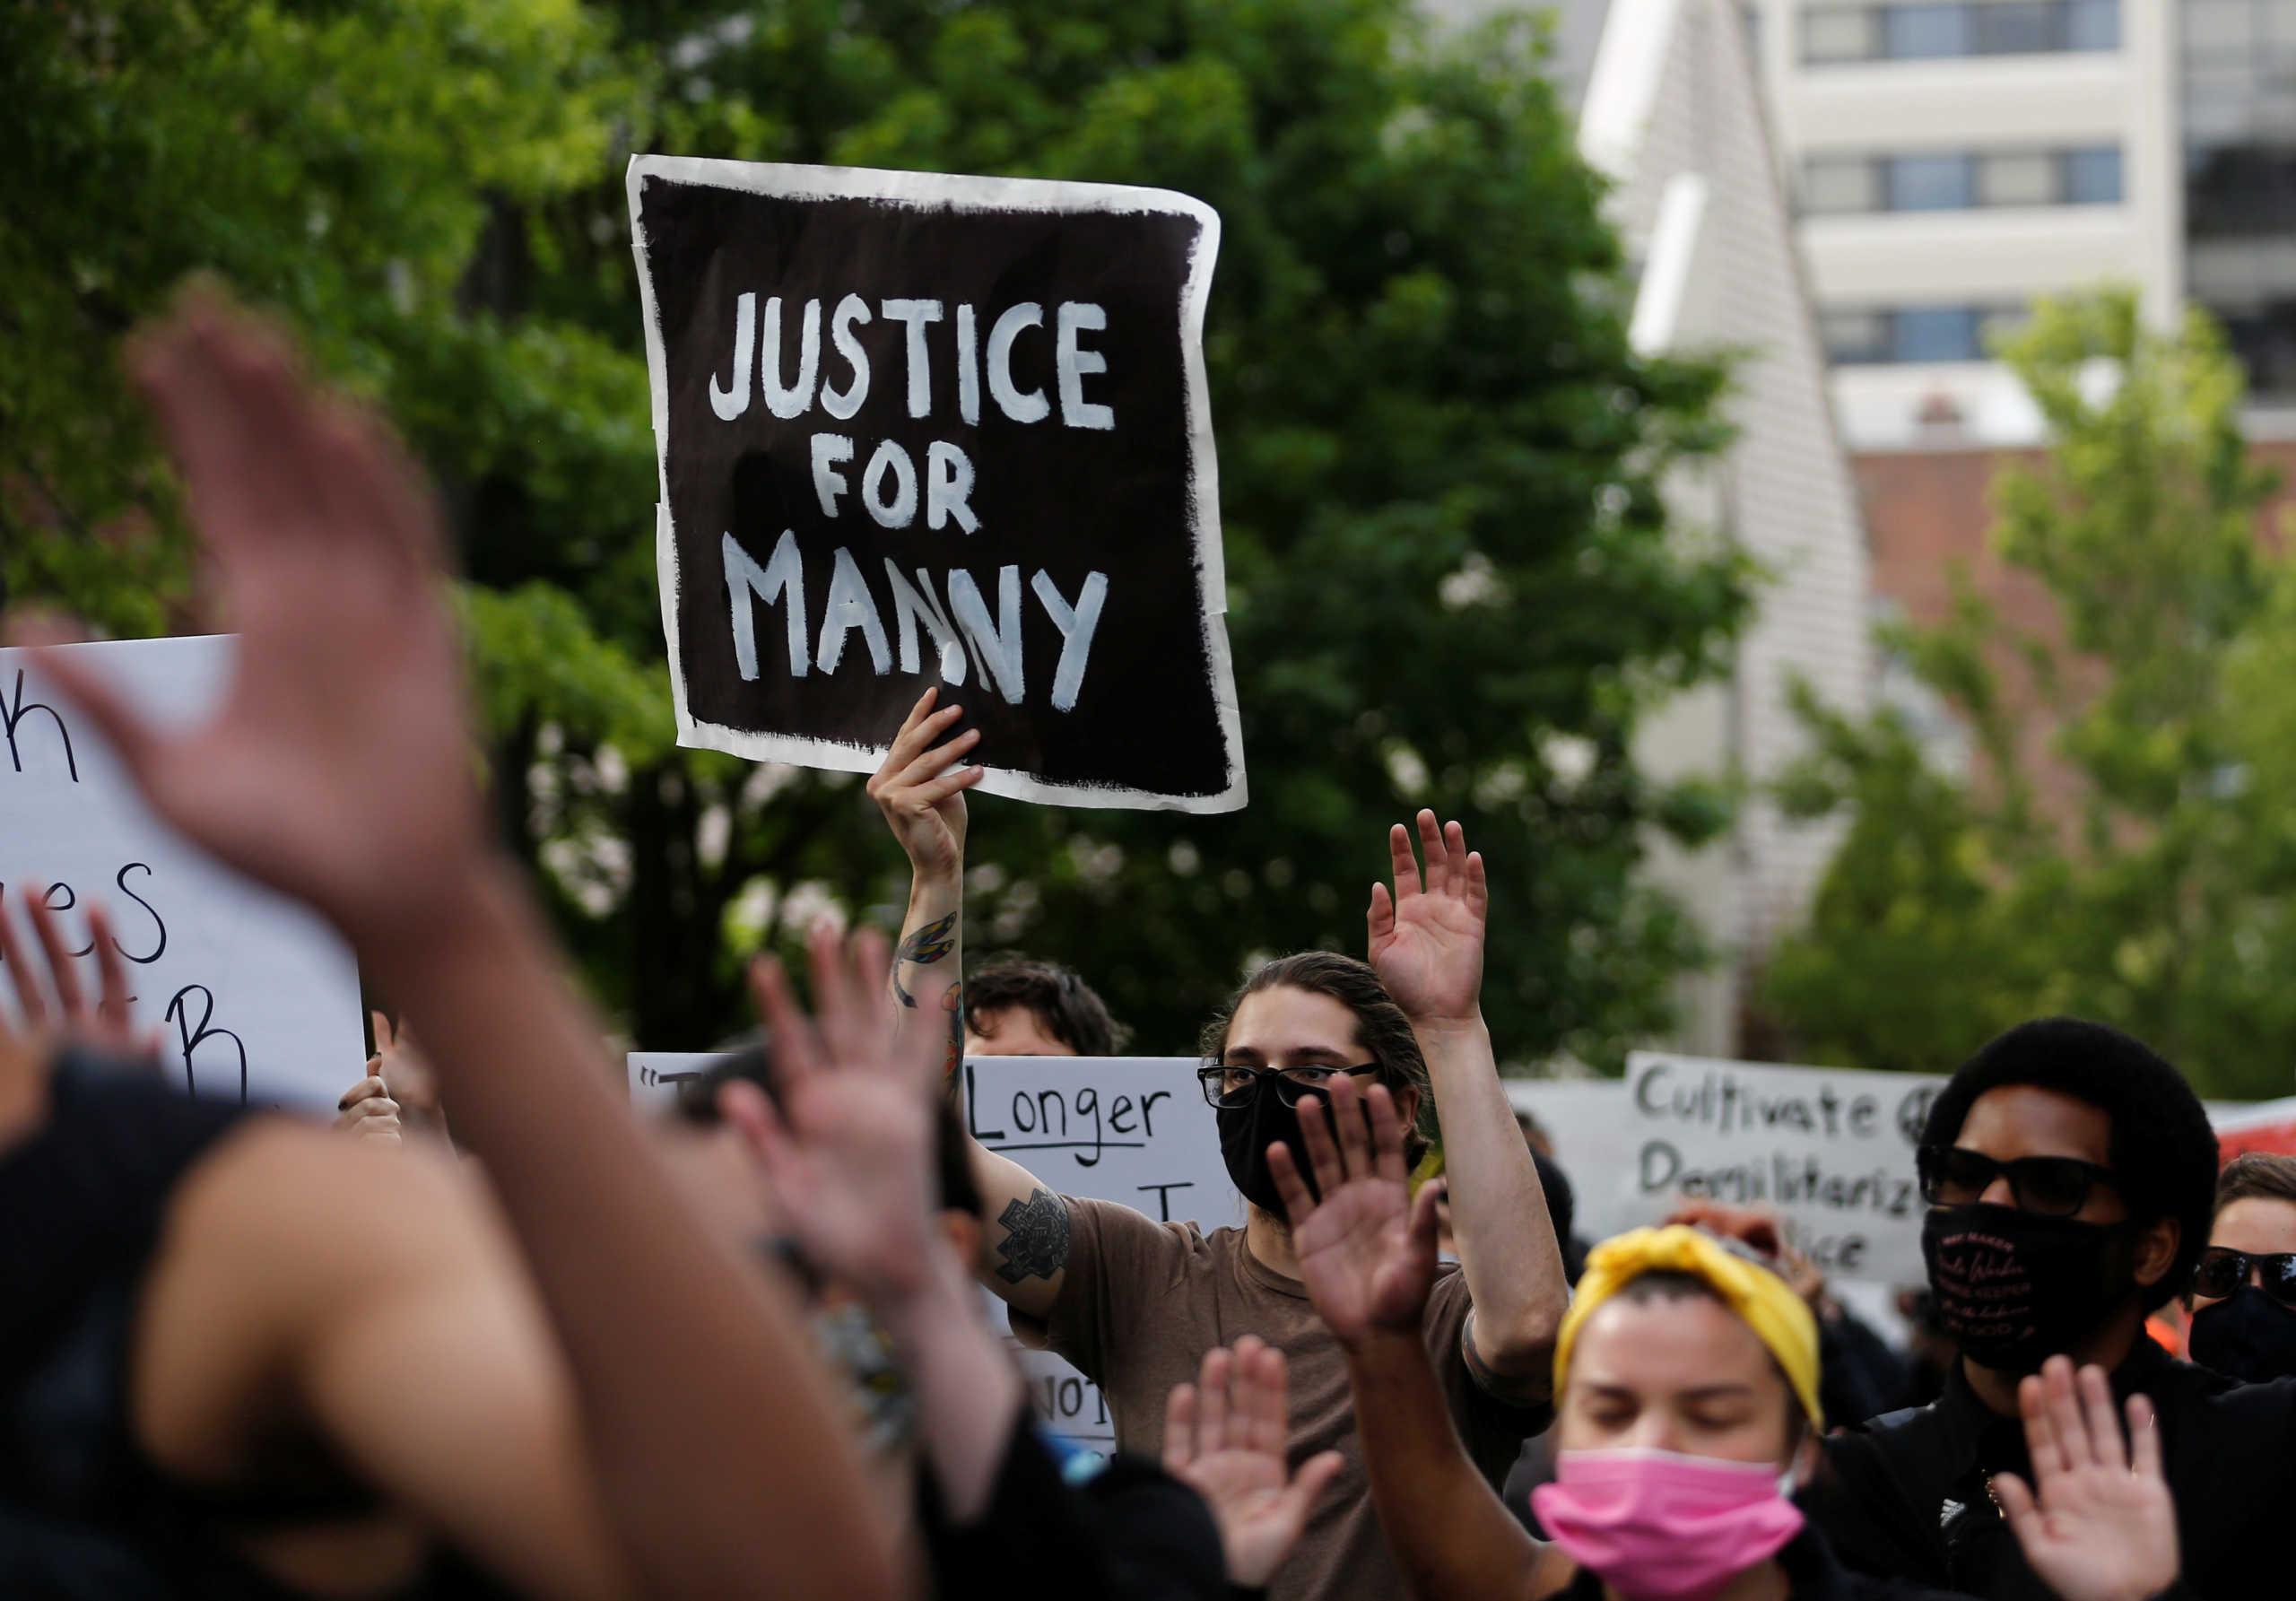 Νέα υπόθεση Τζορτζ Φλόιντ στην Ουάσινγκτον – Φώναζε: «Δεν μπορώ να αναπνεύσω» (video)